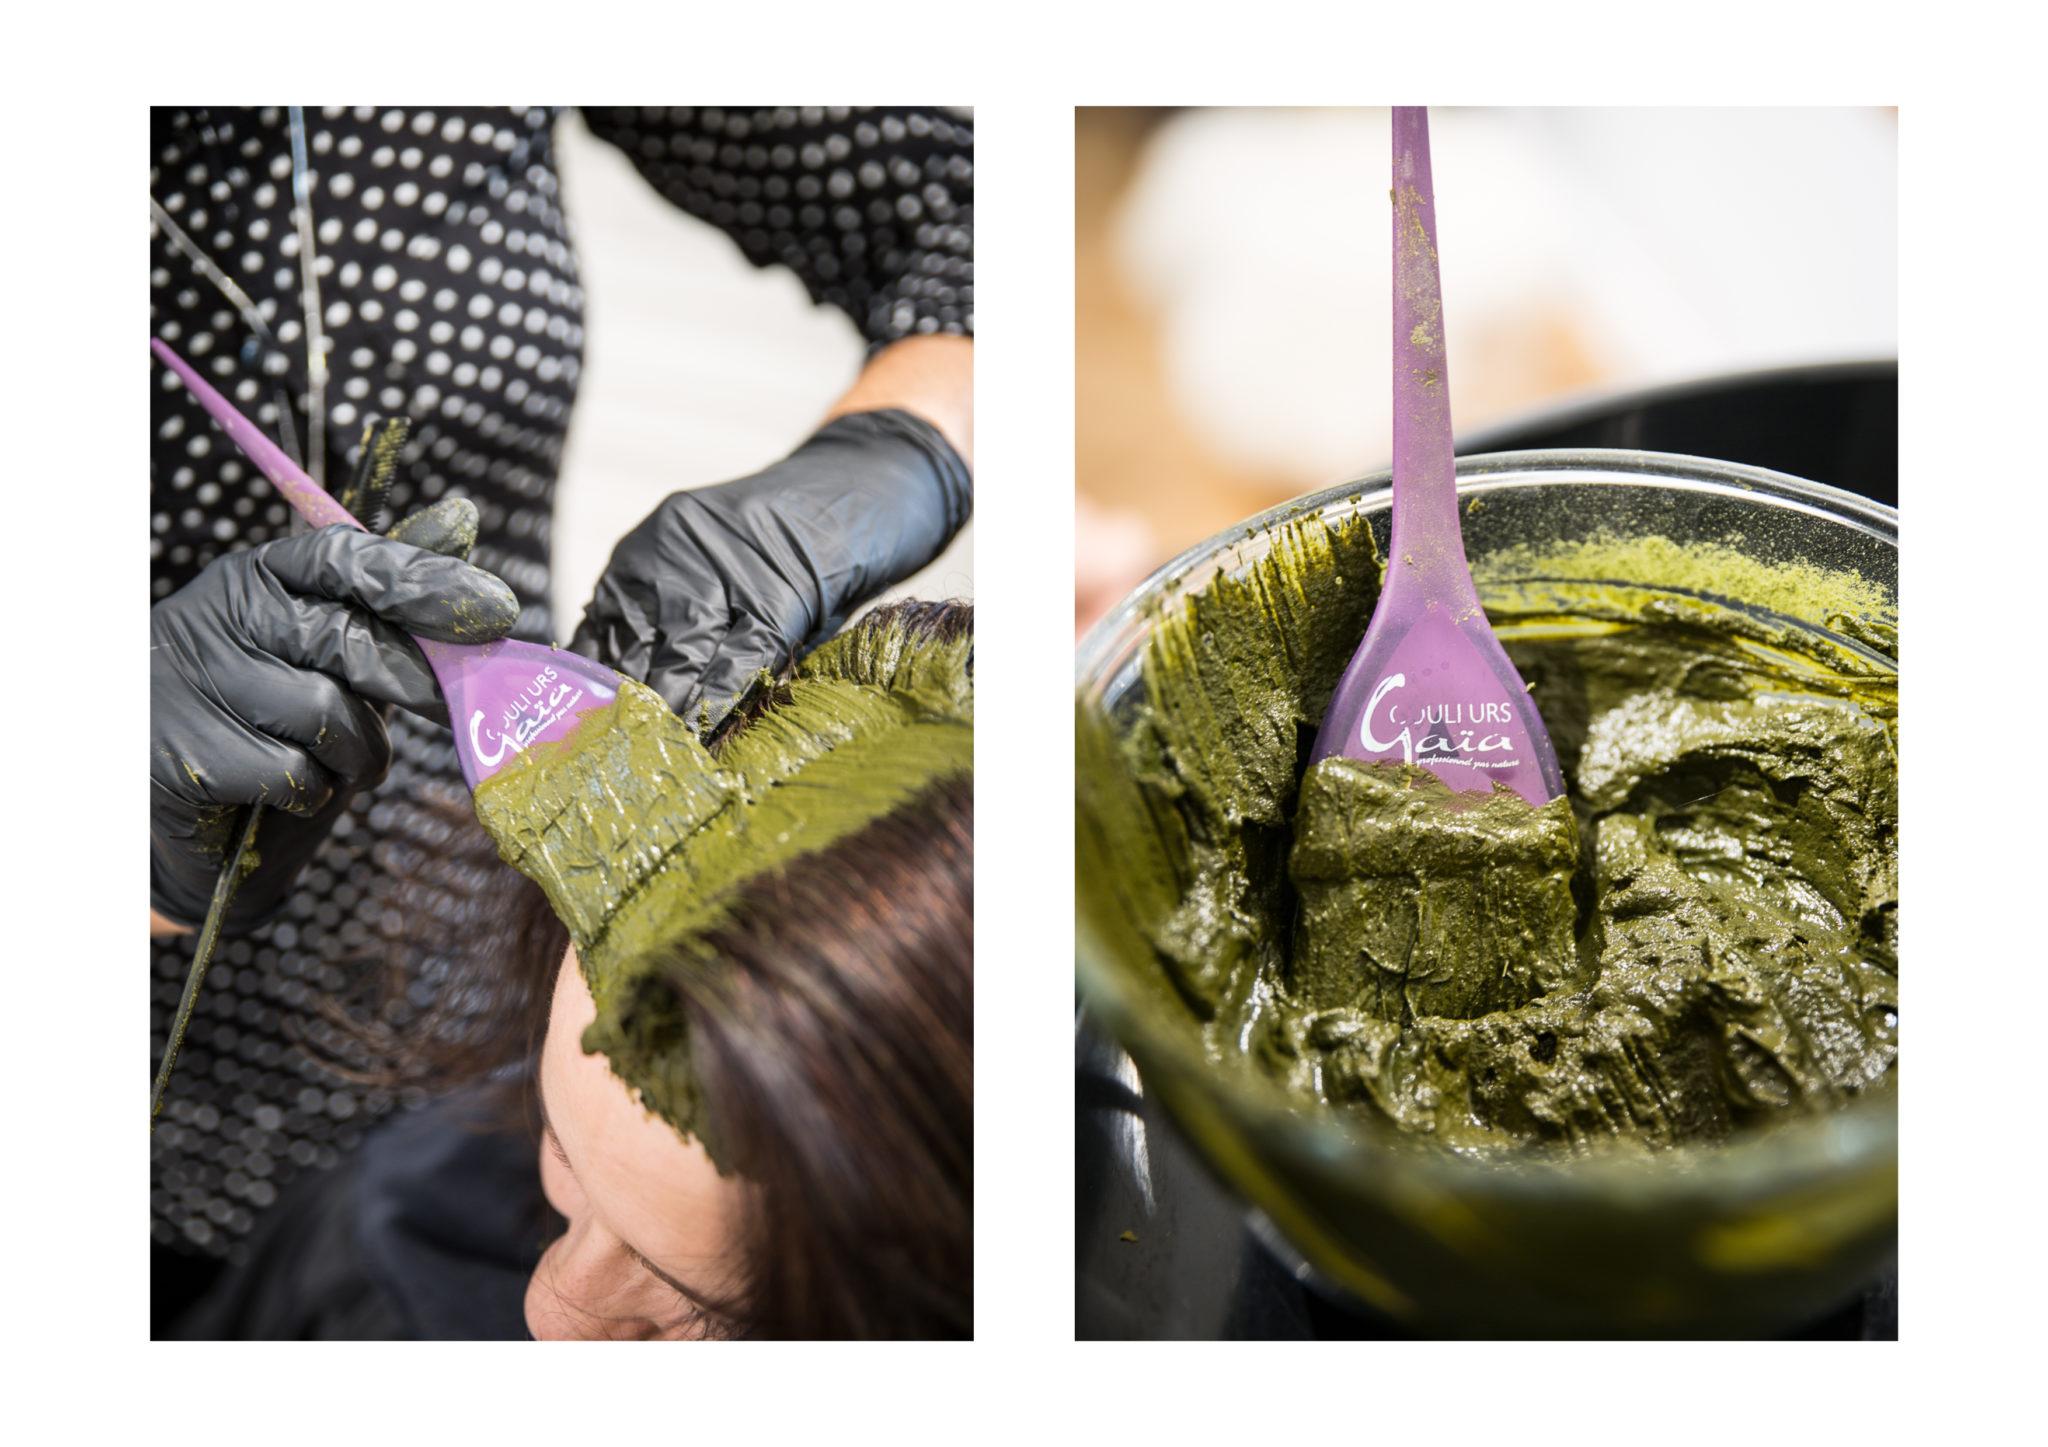 salon coiffure - couleur gaia 14